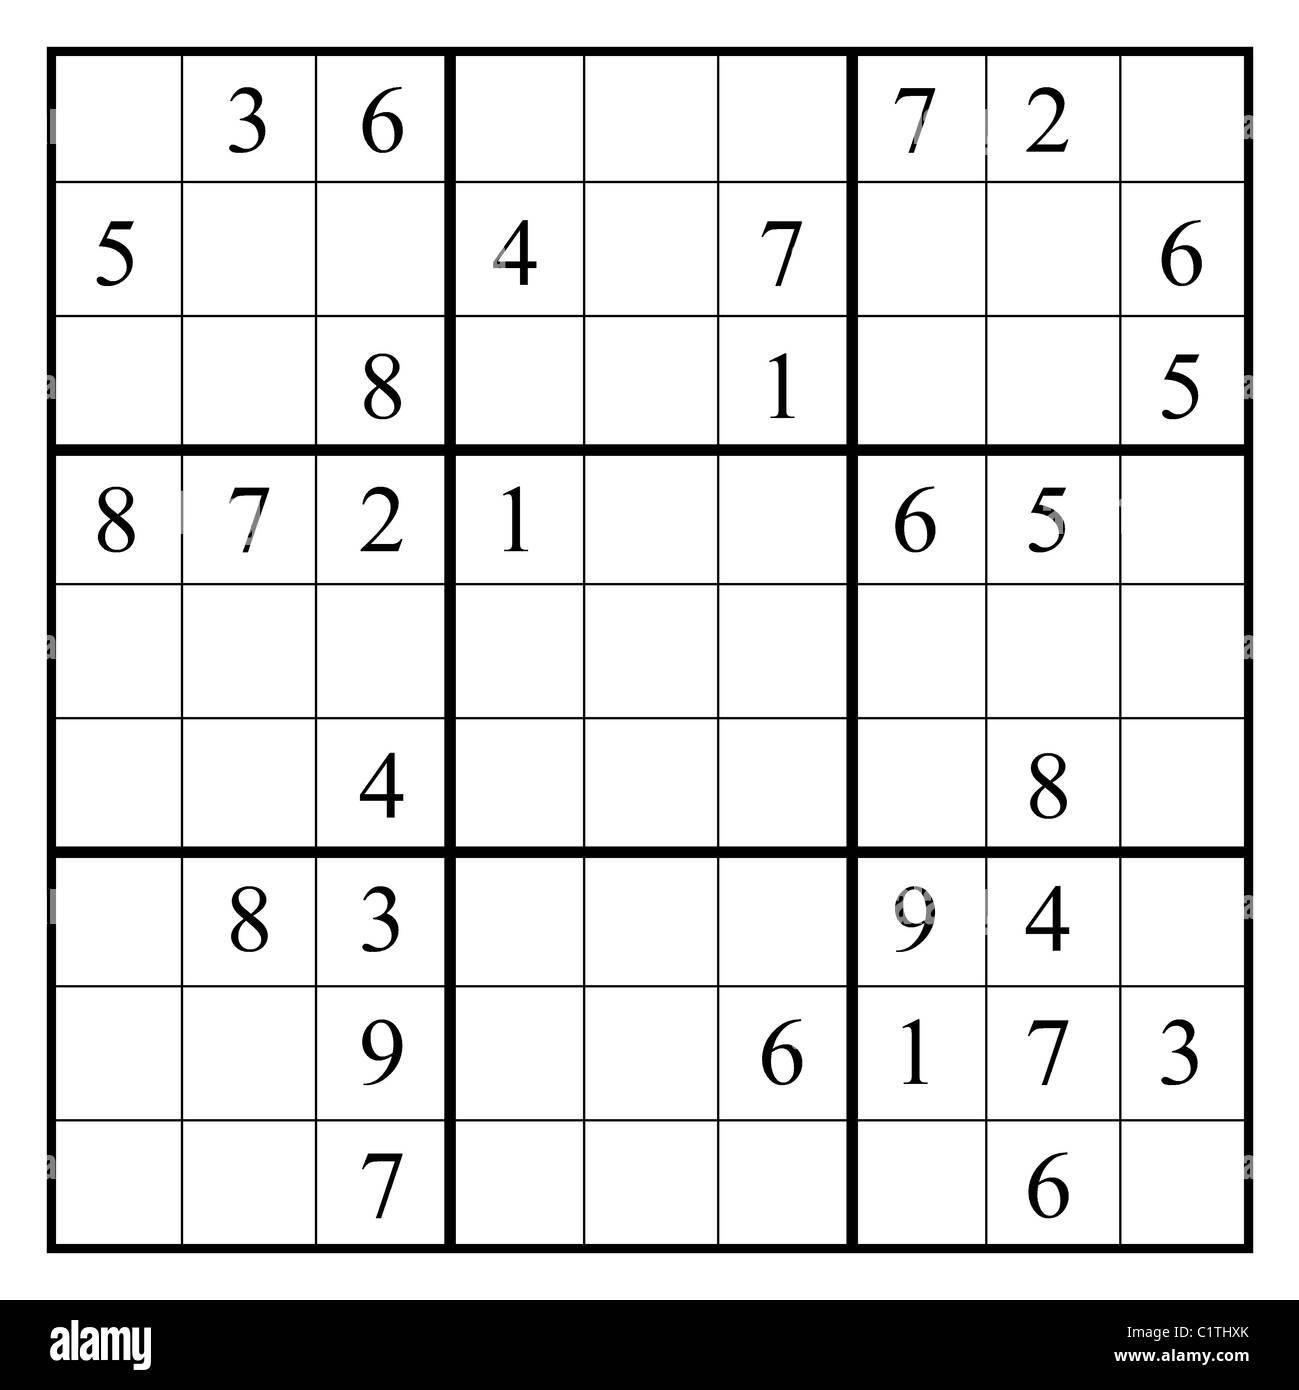 Ziemlich Sudoku 4x4 Zum Ausdrucken Zeitgenössisch - Malvorlagen Von ...